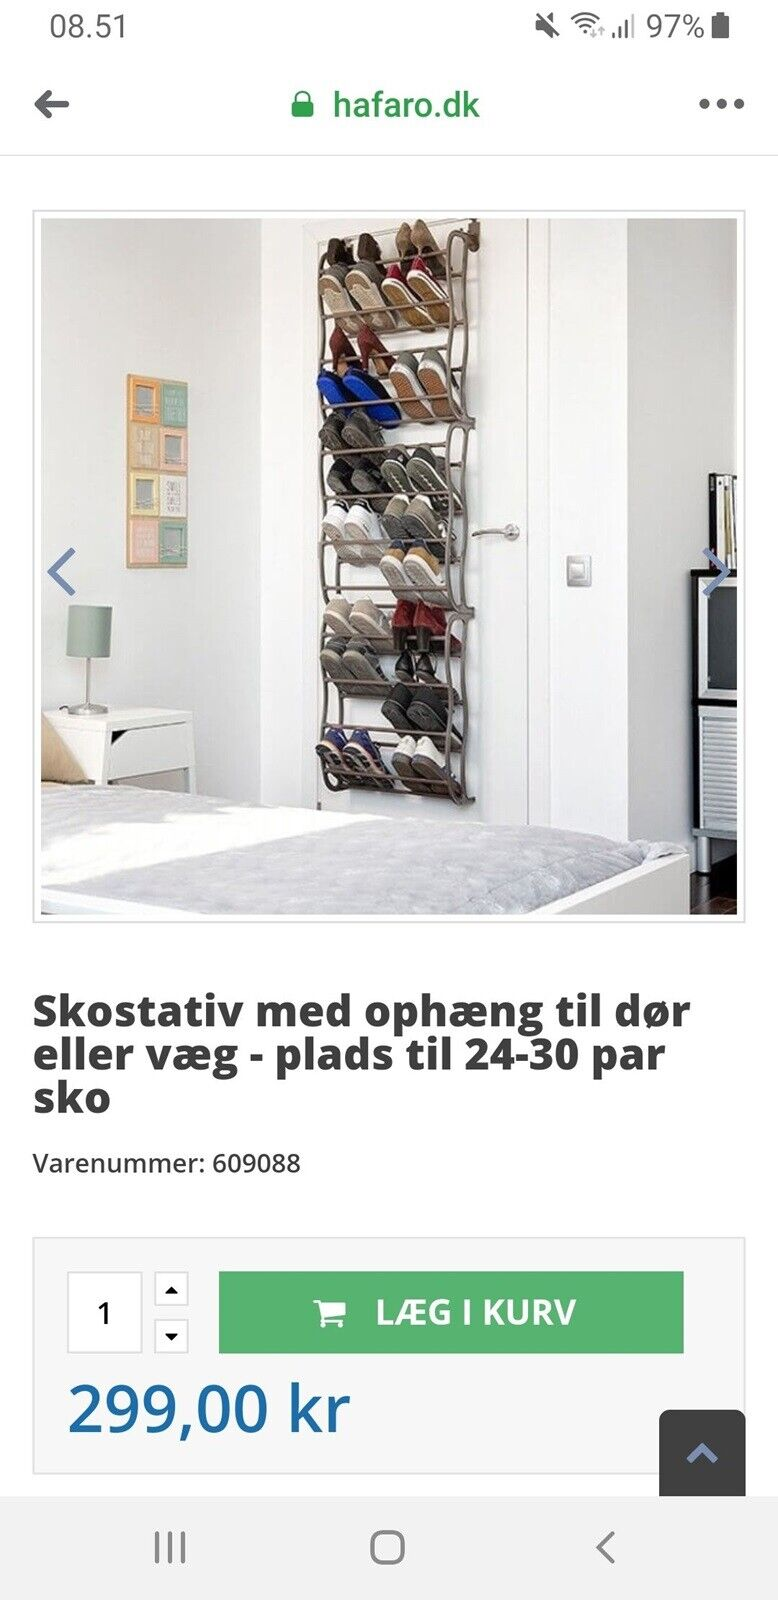 Skostativ med ophæng til dør eller væg plads til 24 30 par sko